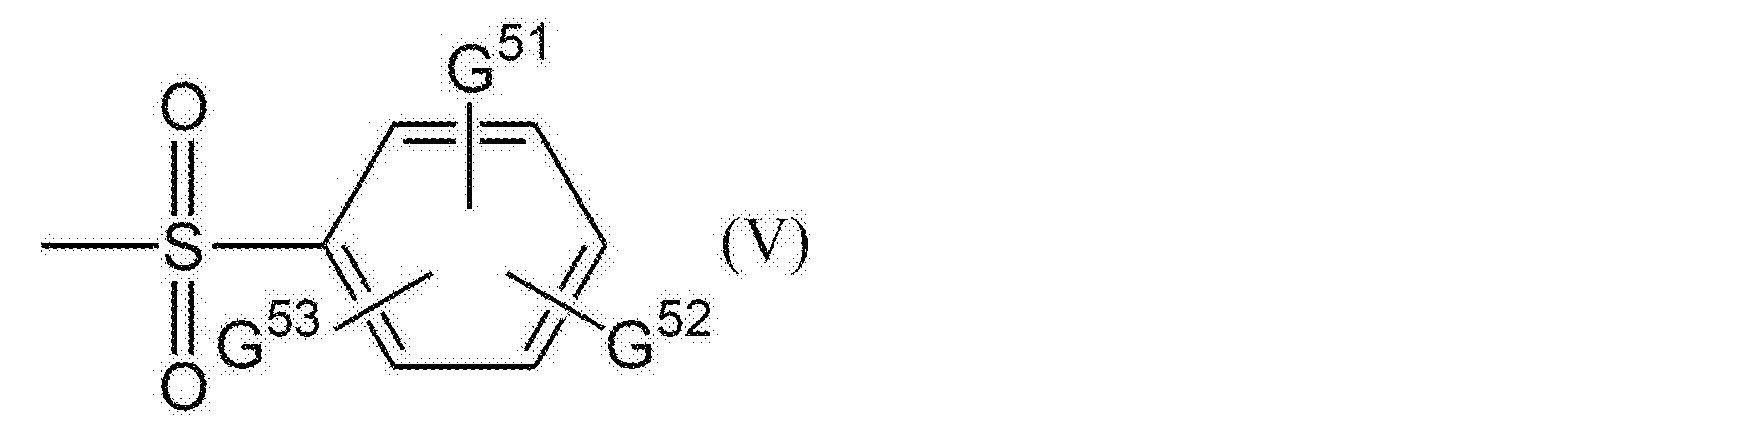 Figure CN107011400AC00025